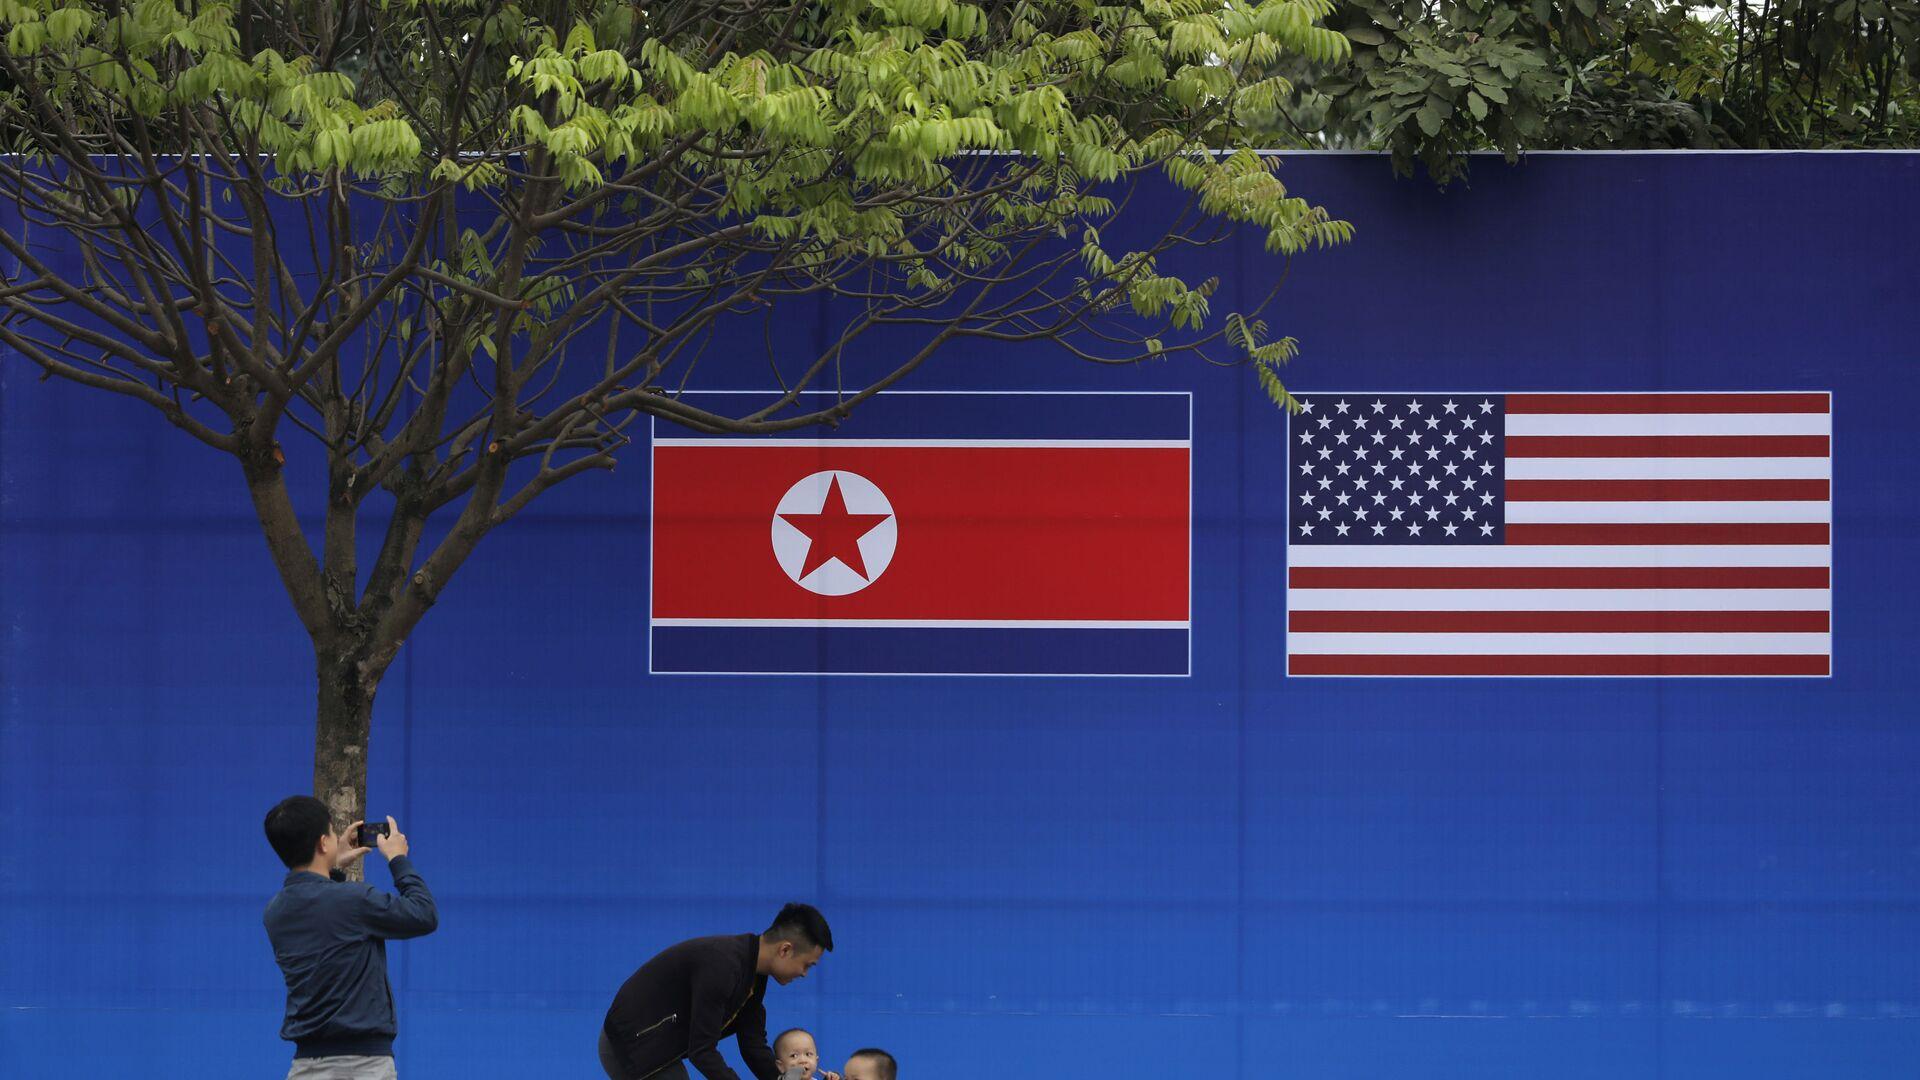 Жители Ханоя позируют перед изображением северокорейского и американского флага в дни прохождения саммита КНДР-США в Ханое - Sputnik Mundo, 1920, 30.04.2021